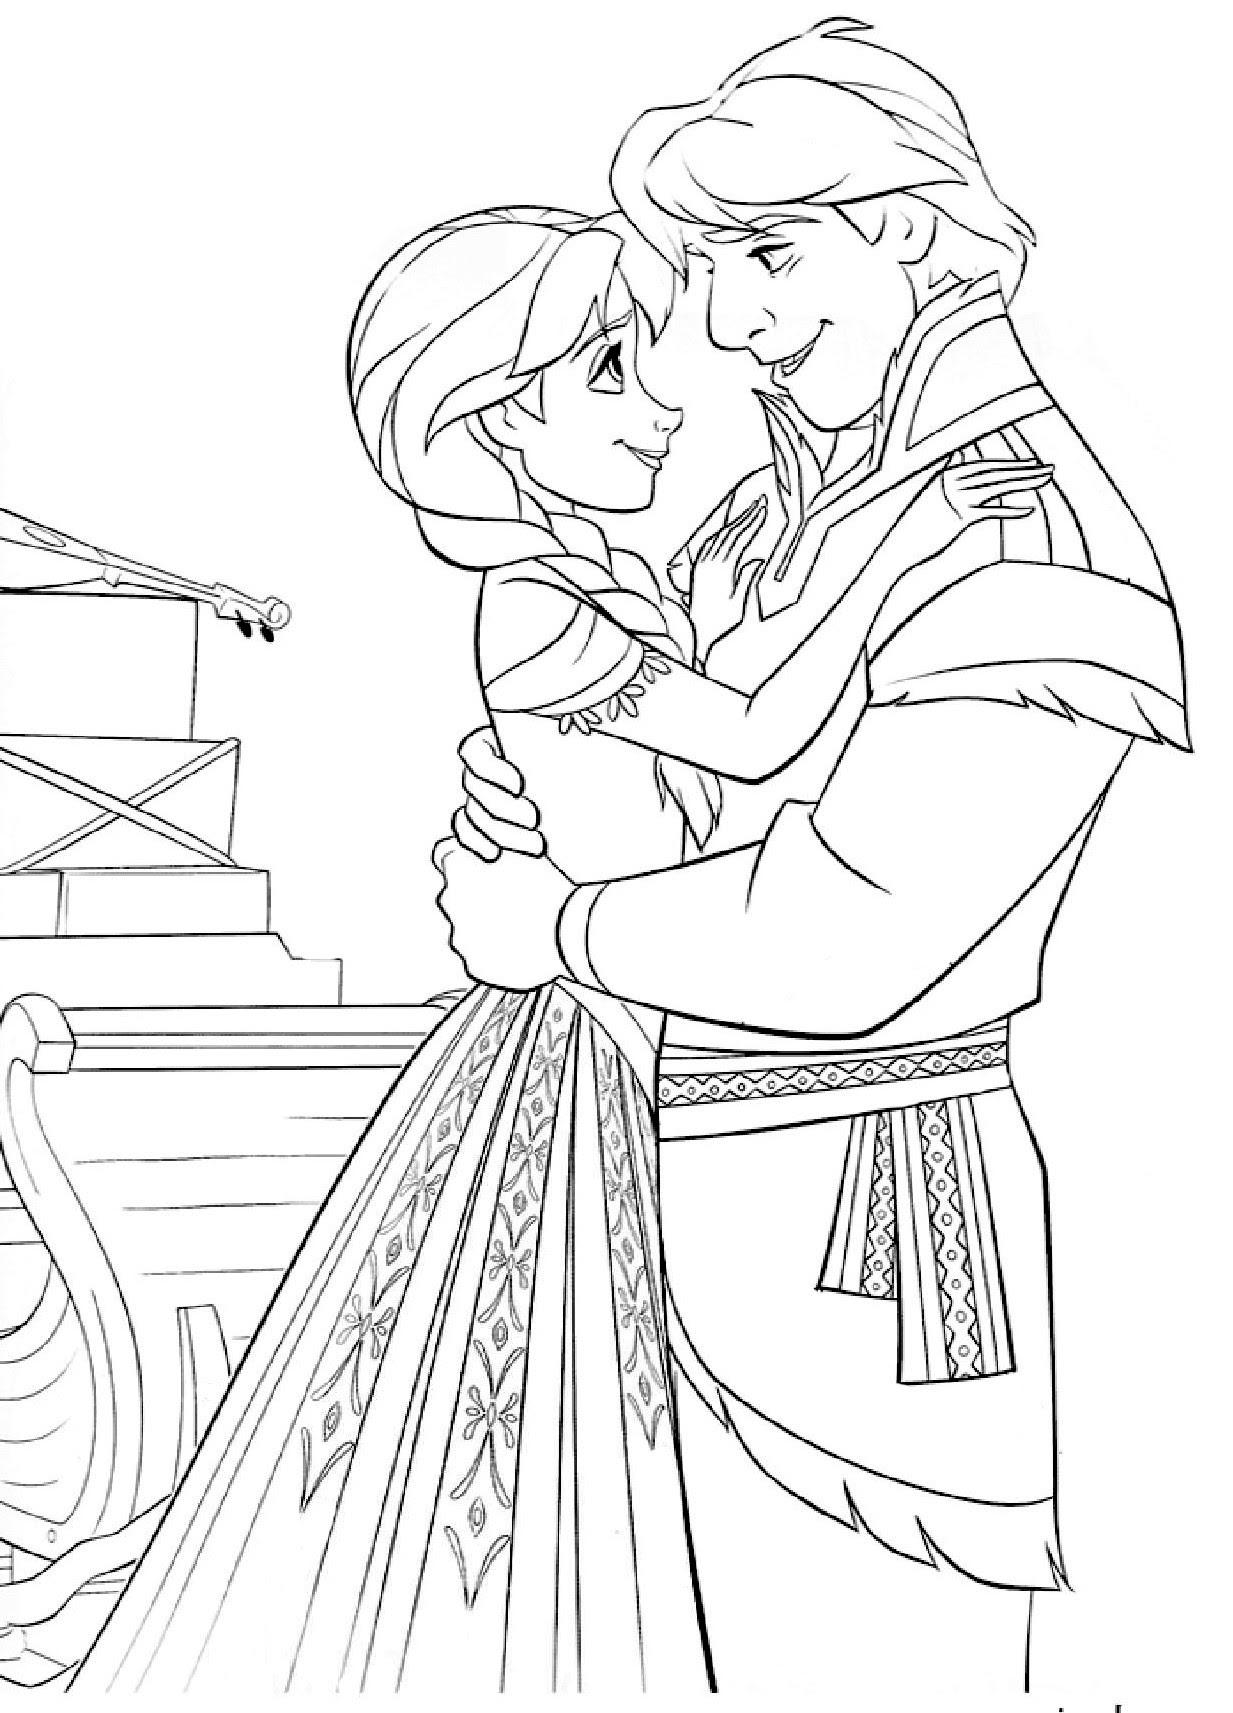 Dibujos Para Colorear De Elsa Y Anna Para Imprimir